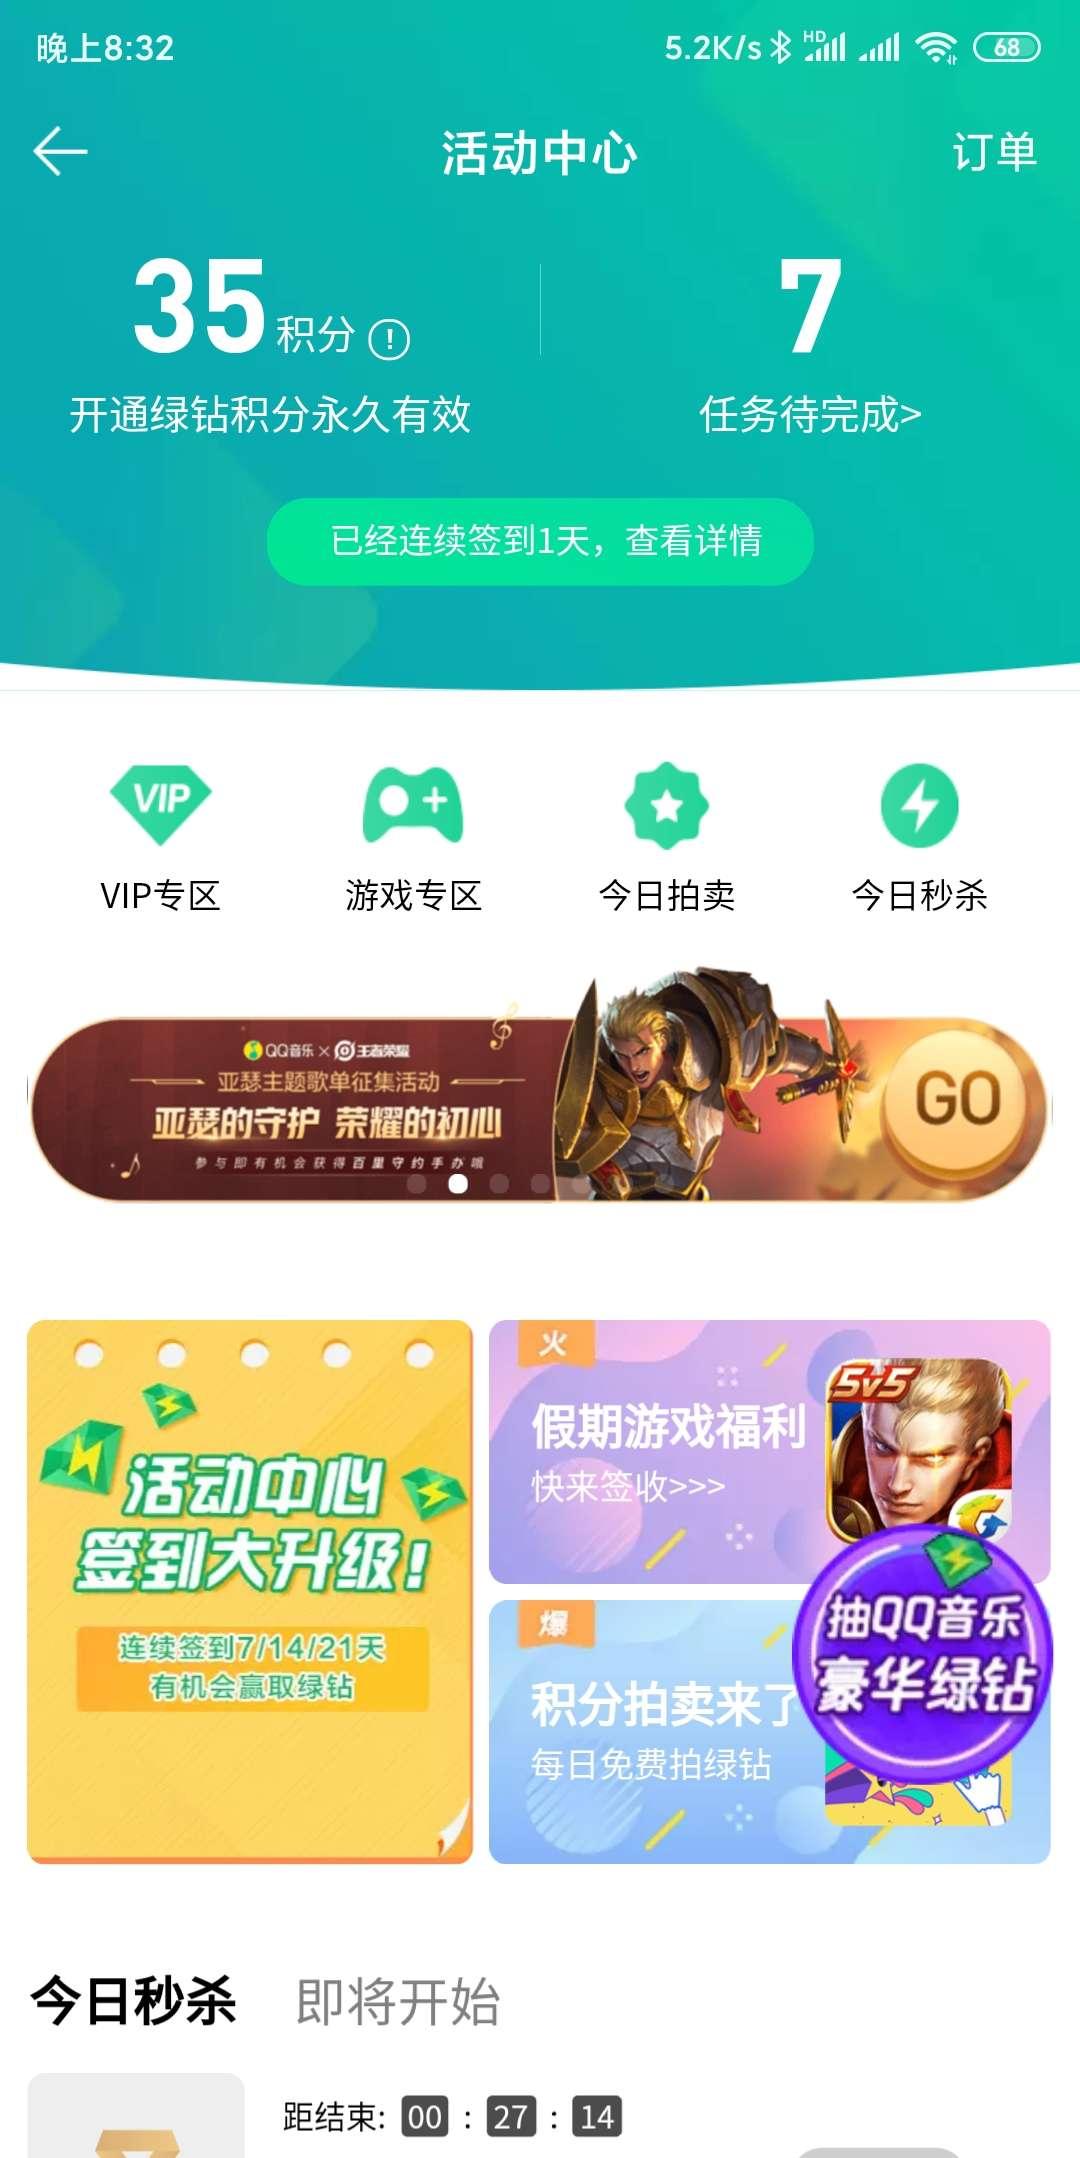 线报-「虚拟物品」qq音乐回归用户领三天绿钻-惠小助(52huixz.com)